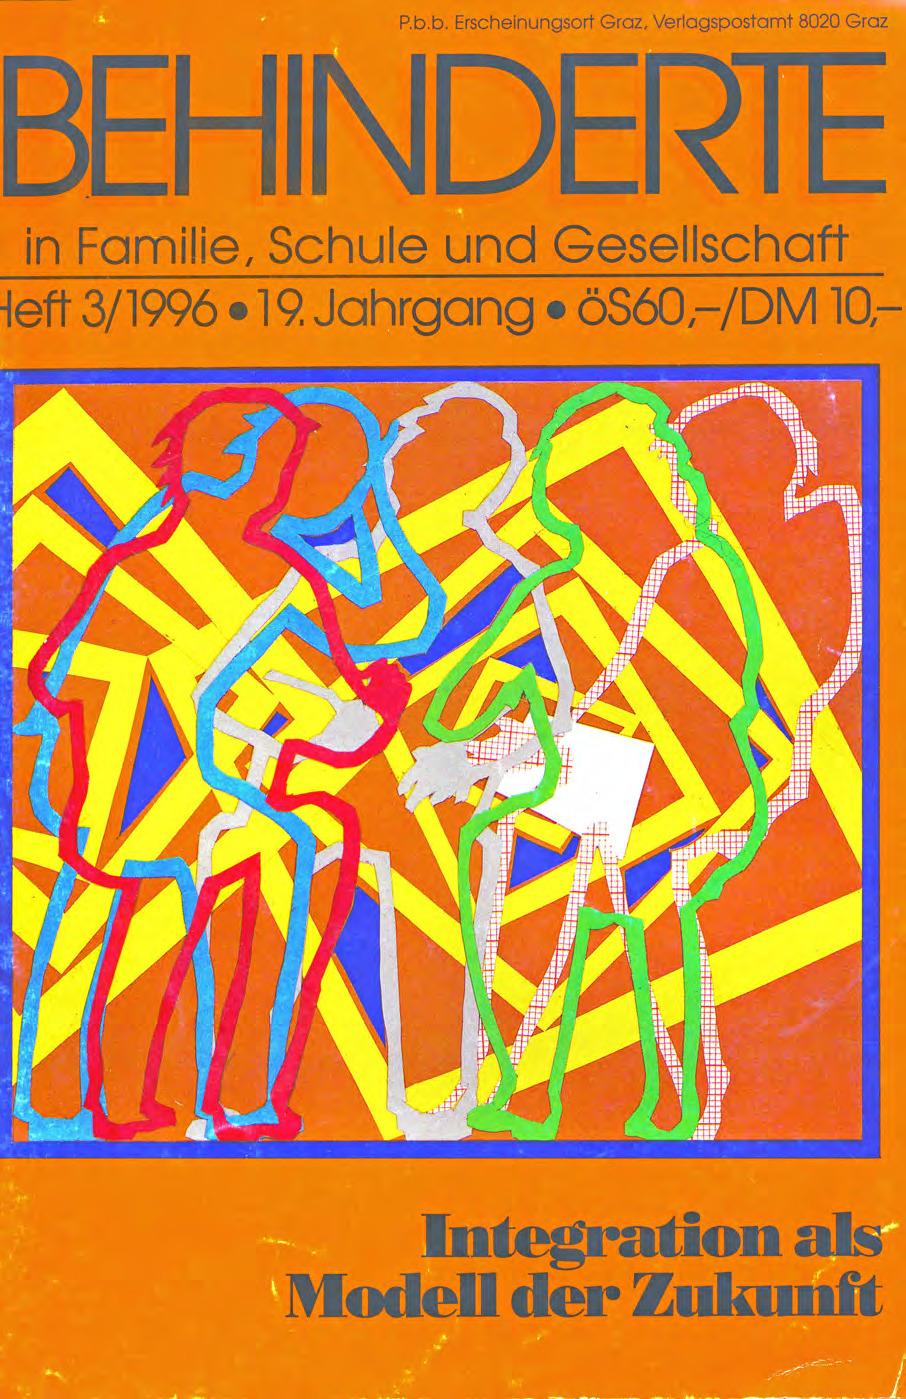 """Titelbild der Zeitschrift BEHINDERTE MENSCHEN, Ausgabe 3/1996 """"Integration als Modell der Zukunft"""""""